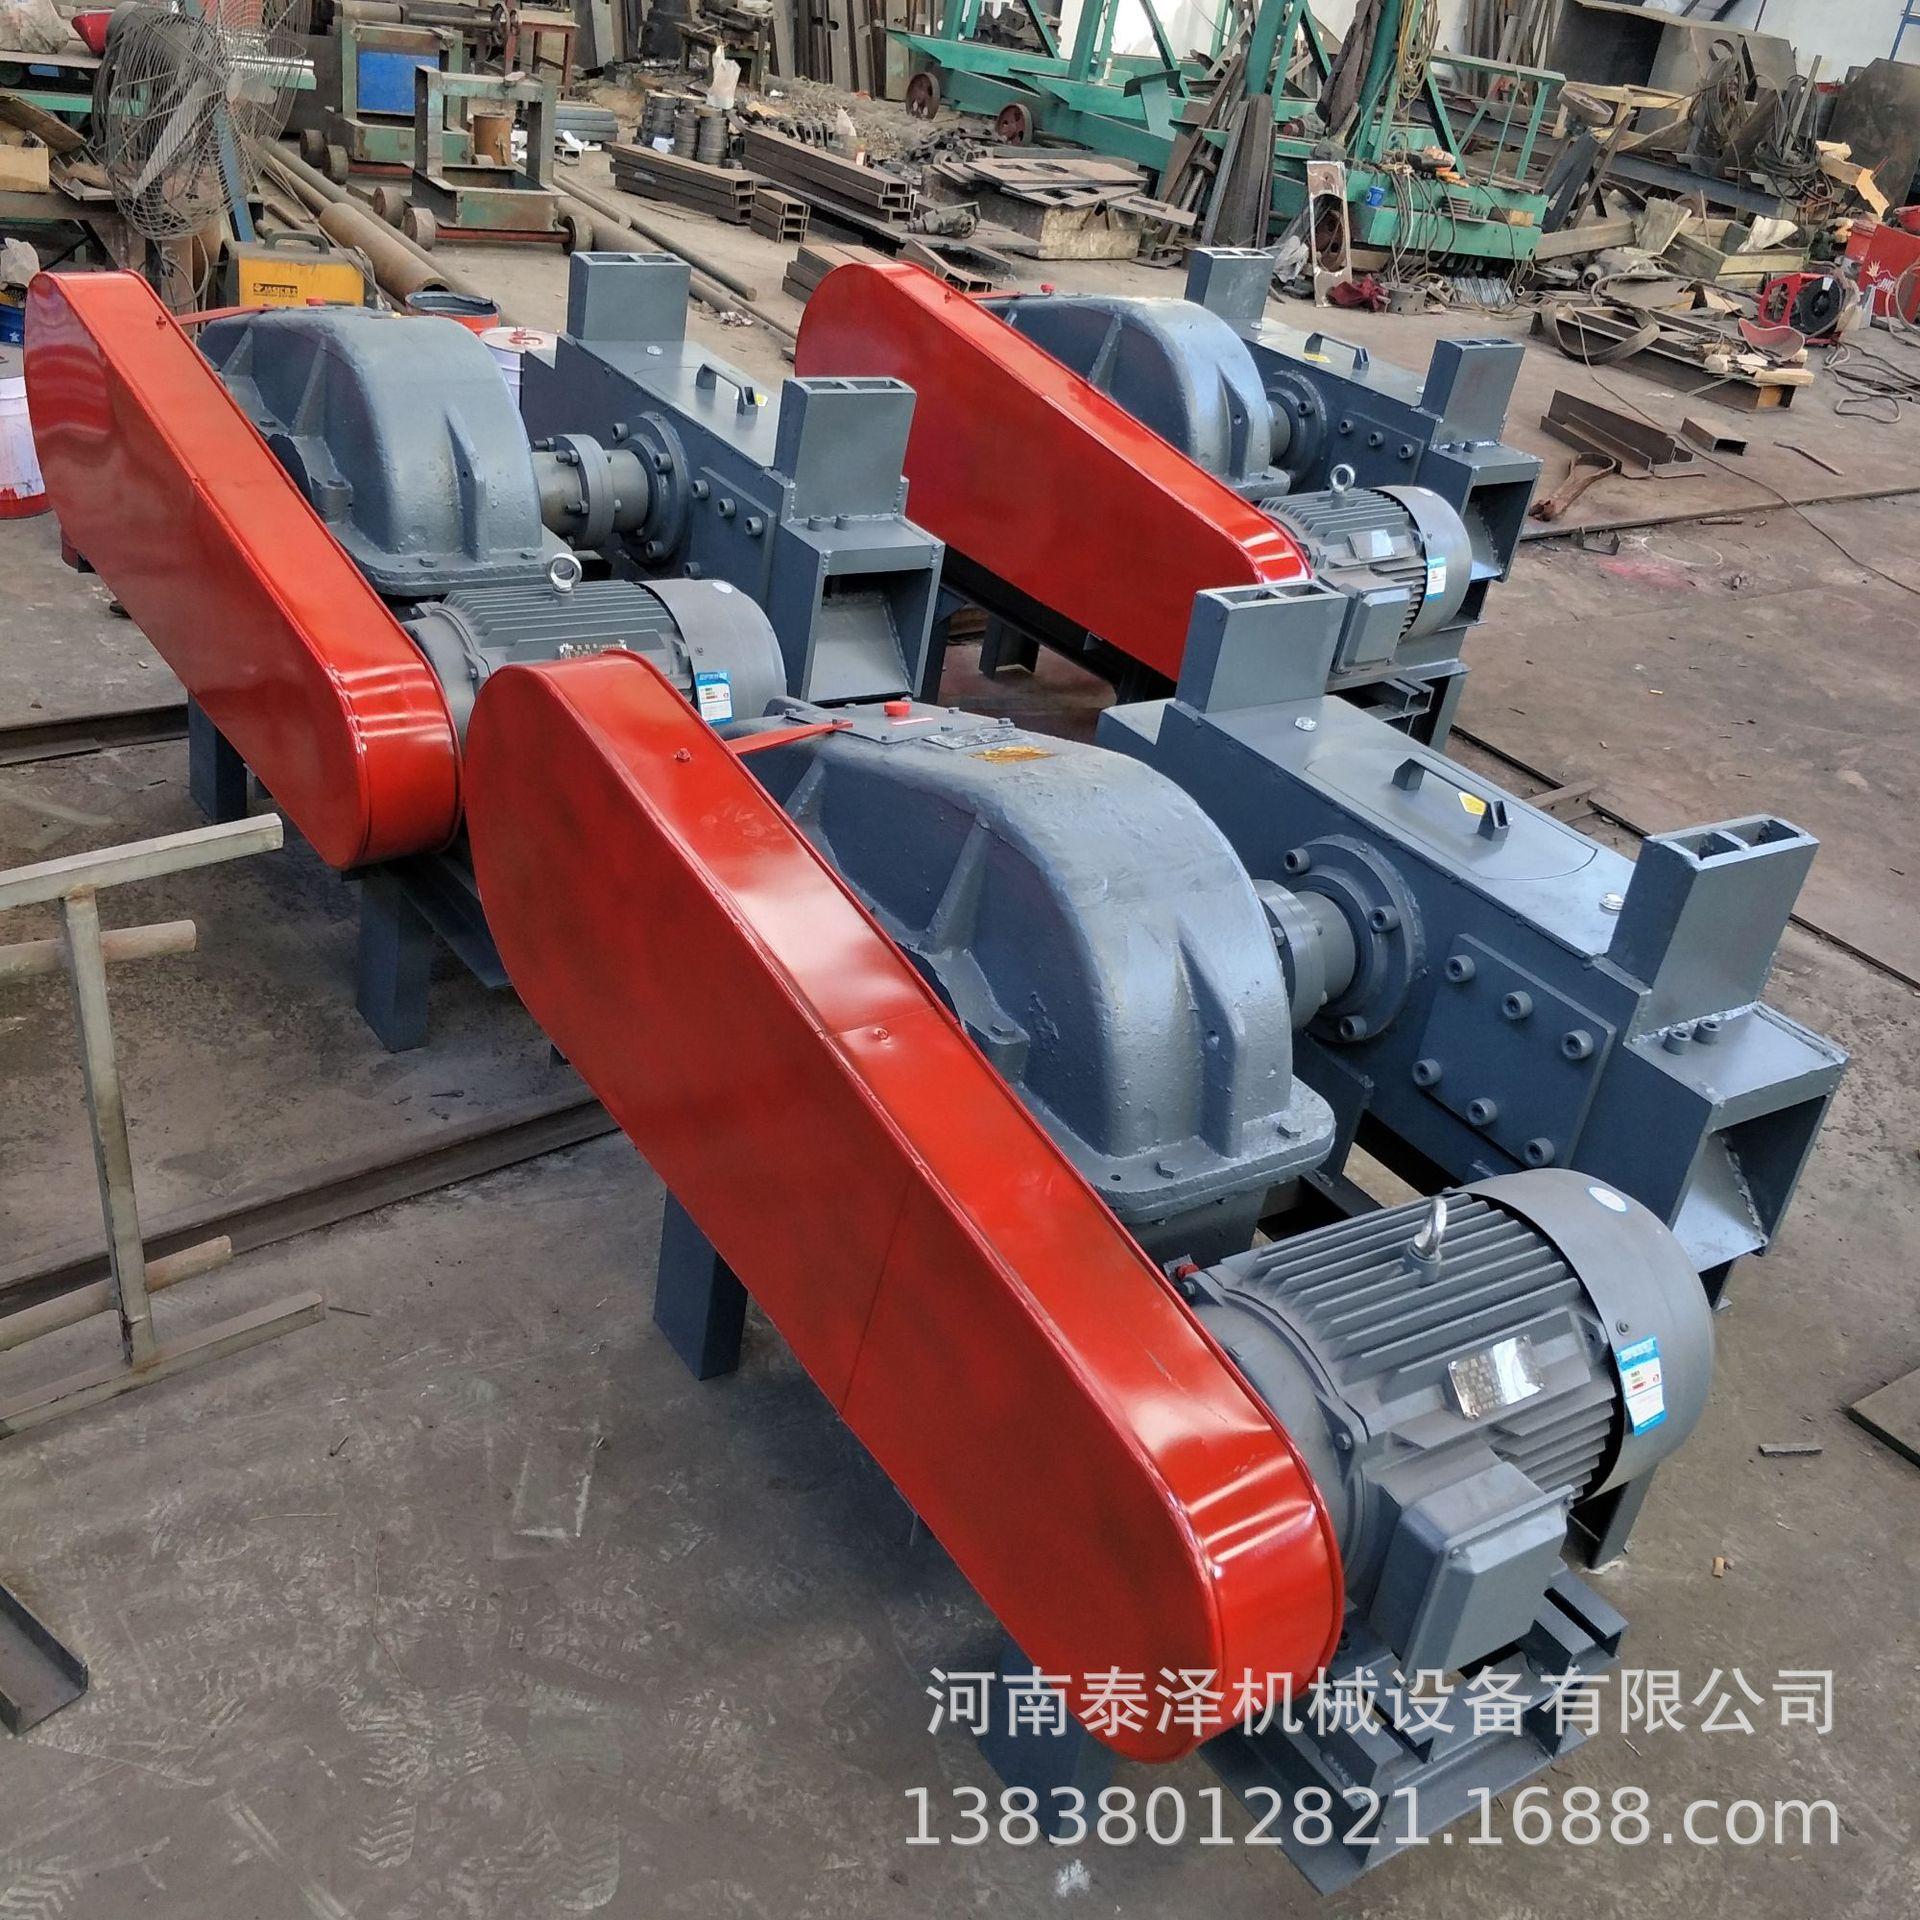 直销加强型废旧钢筋切断机 液压螺纹钢剪断机 双头钢筋切粒机厂家